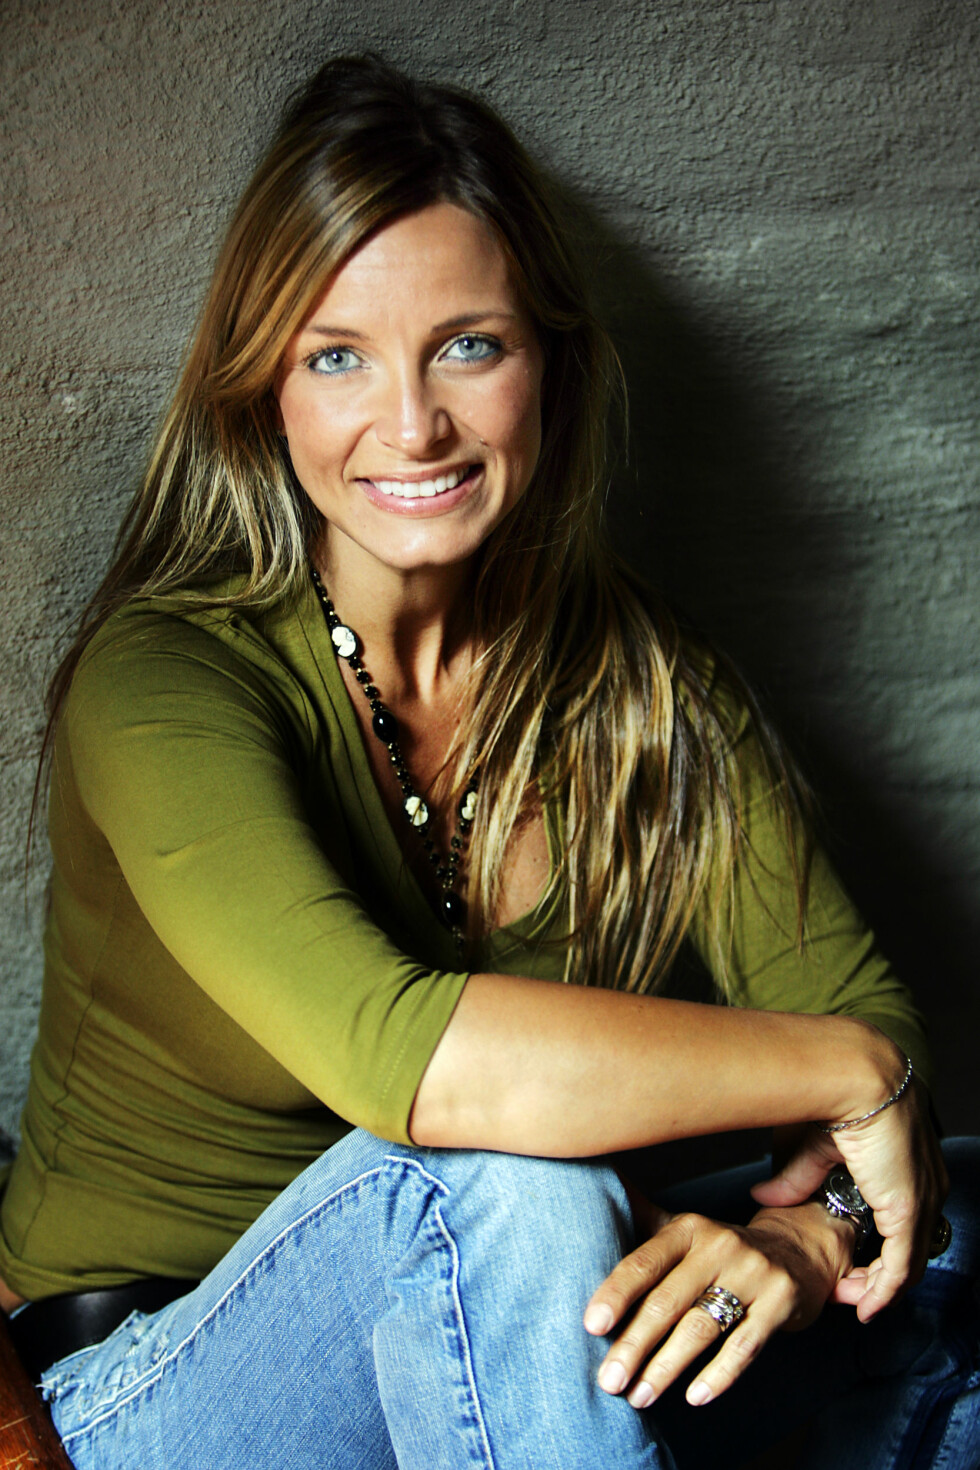 POPULÆR ARTIST: Liv Marit Wedvik gav ut flere album i løpet av sin karriere. Her er hun avbildet i forbindelse med lanseringen av «Riding out the storm» i 2006.  Foto: NTB scanpix